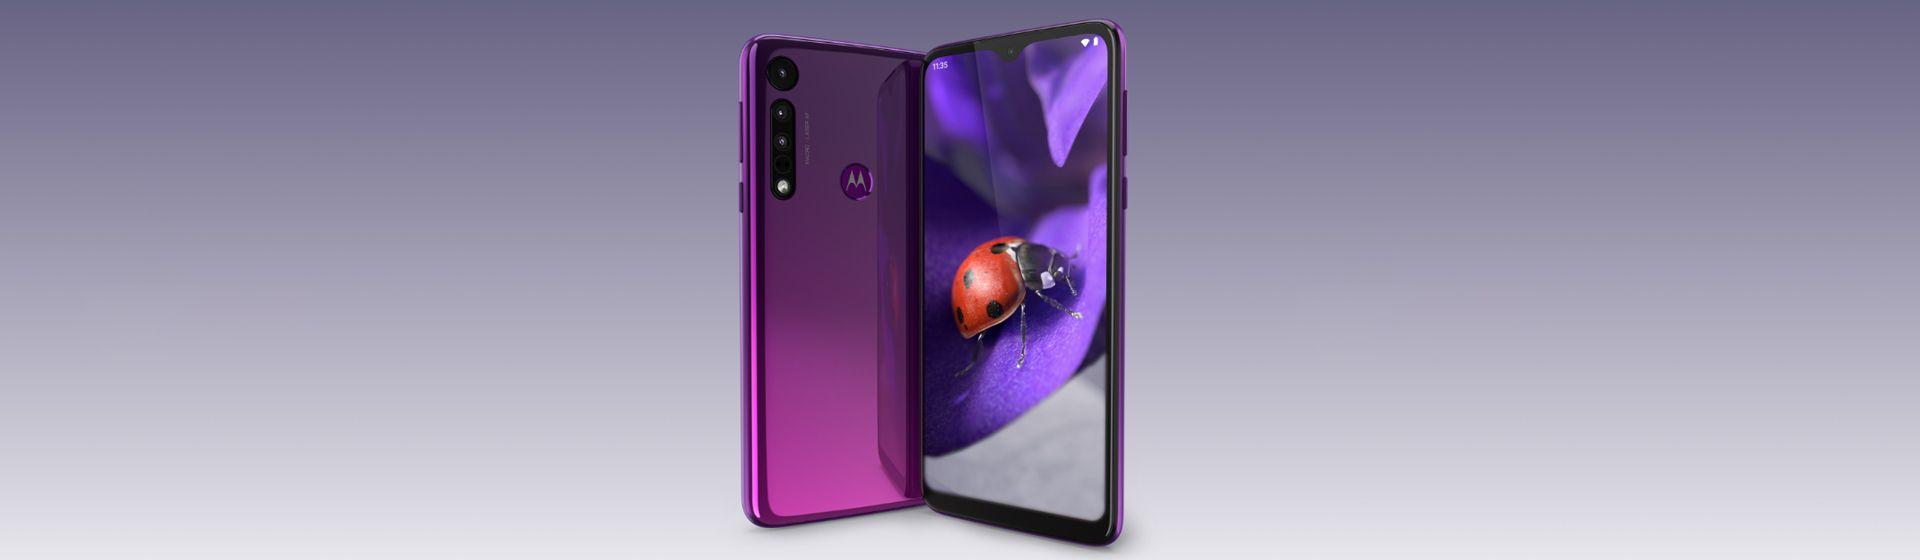 Motorola One Macro: veja a análise da ficha técnica e melhores preços